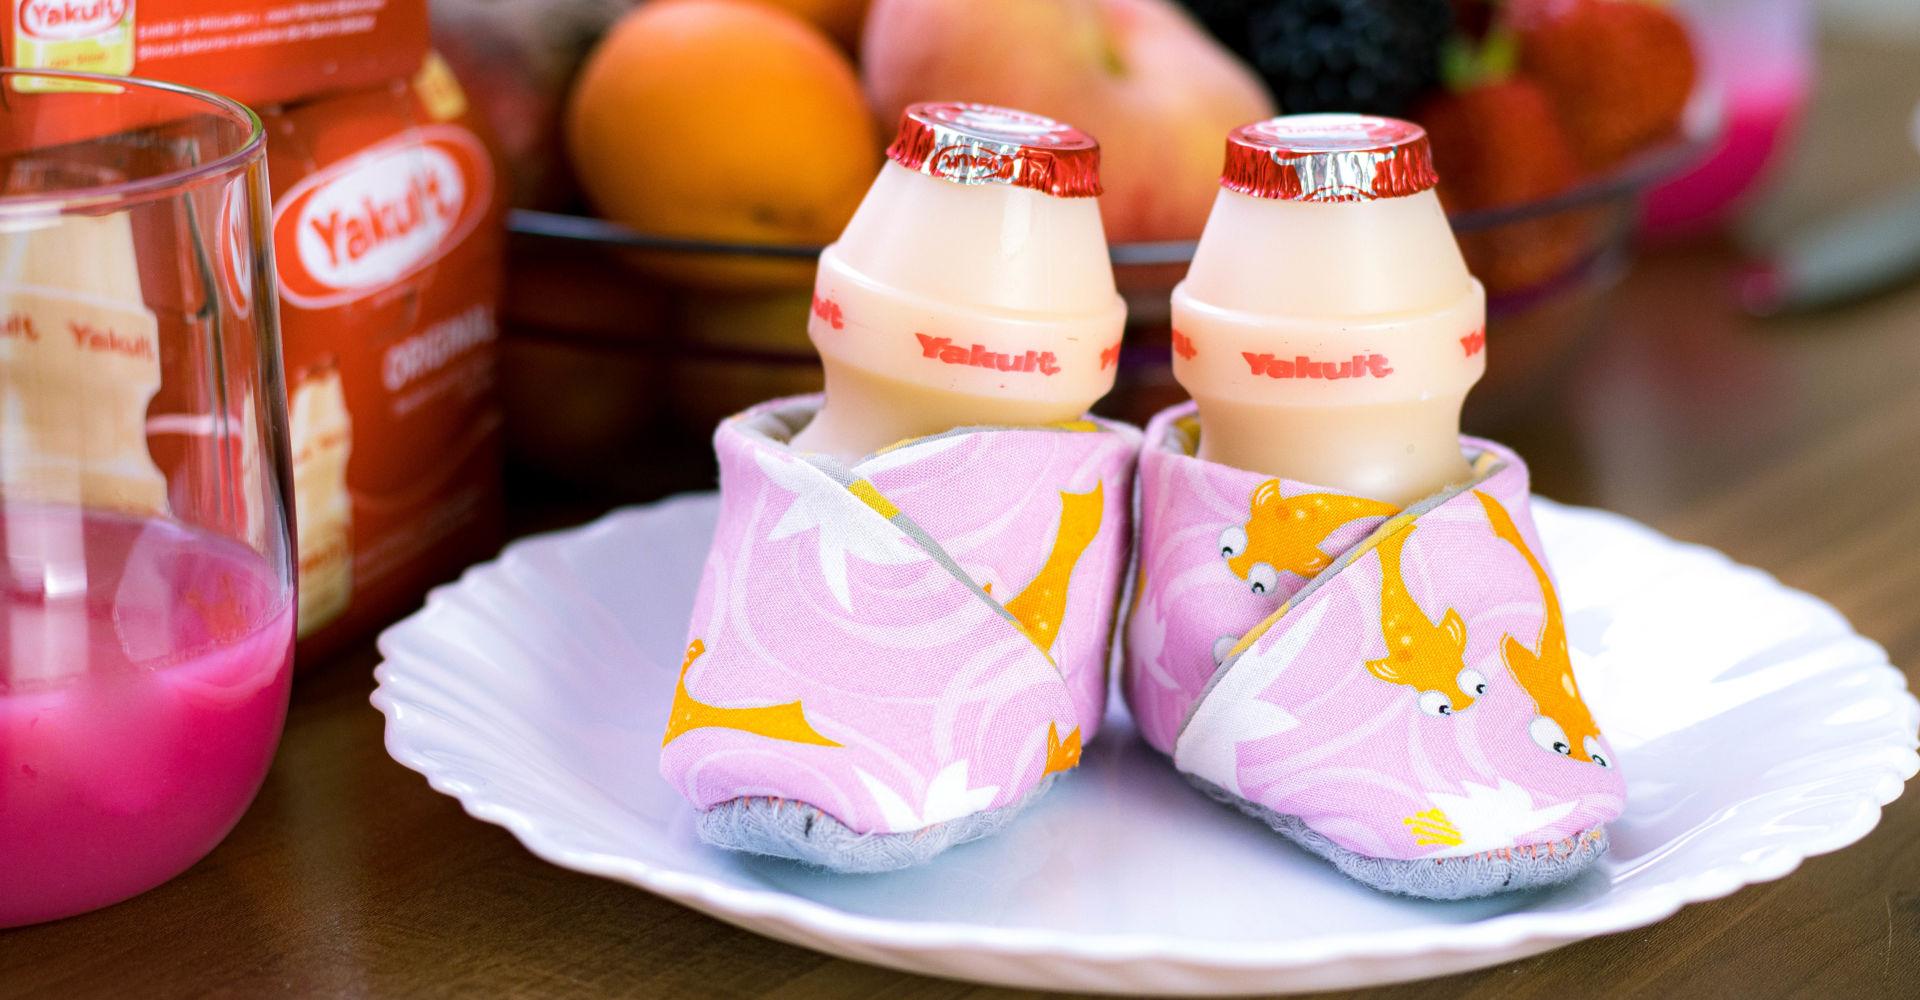 Anzeige: Babyschühchen nähen – ein neues Japan DIY mit Yakult